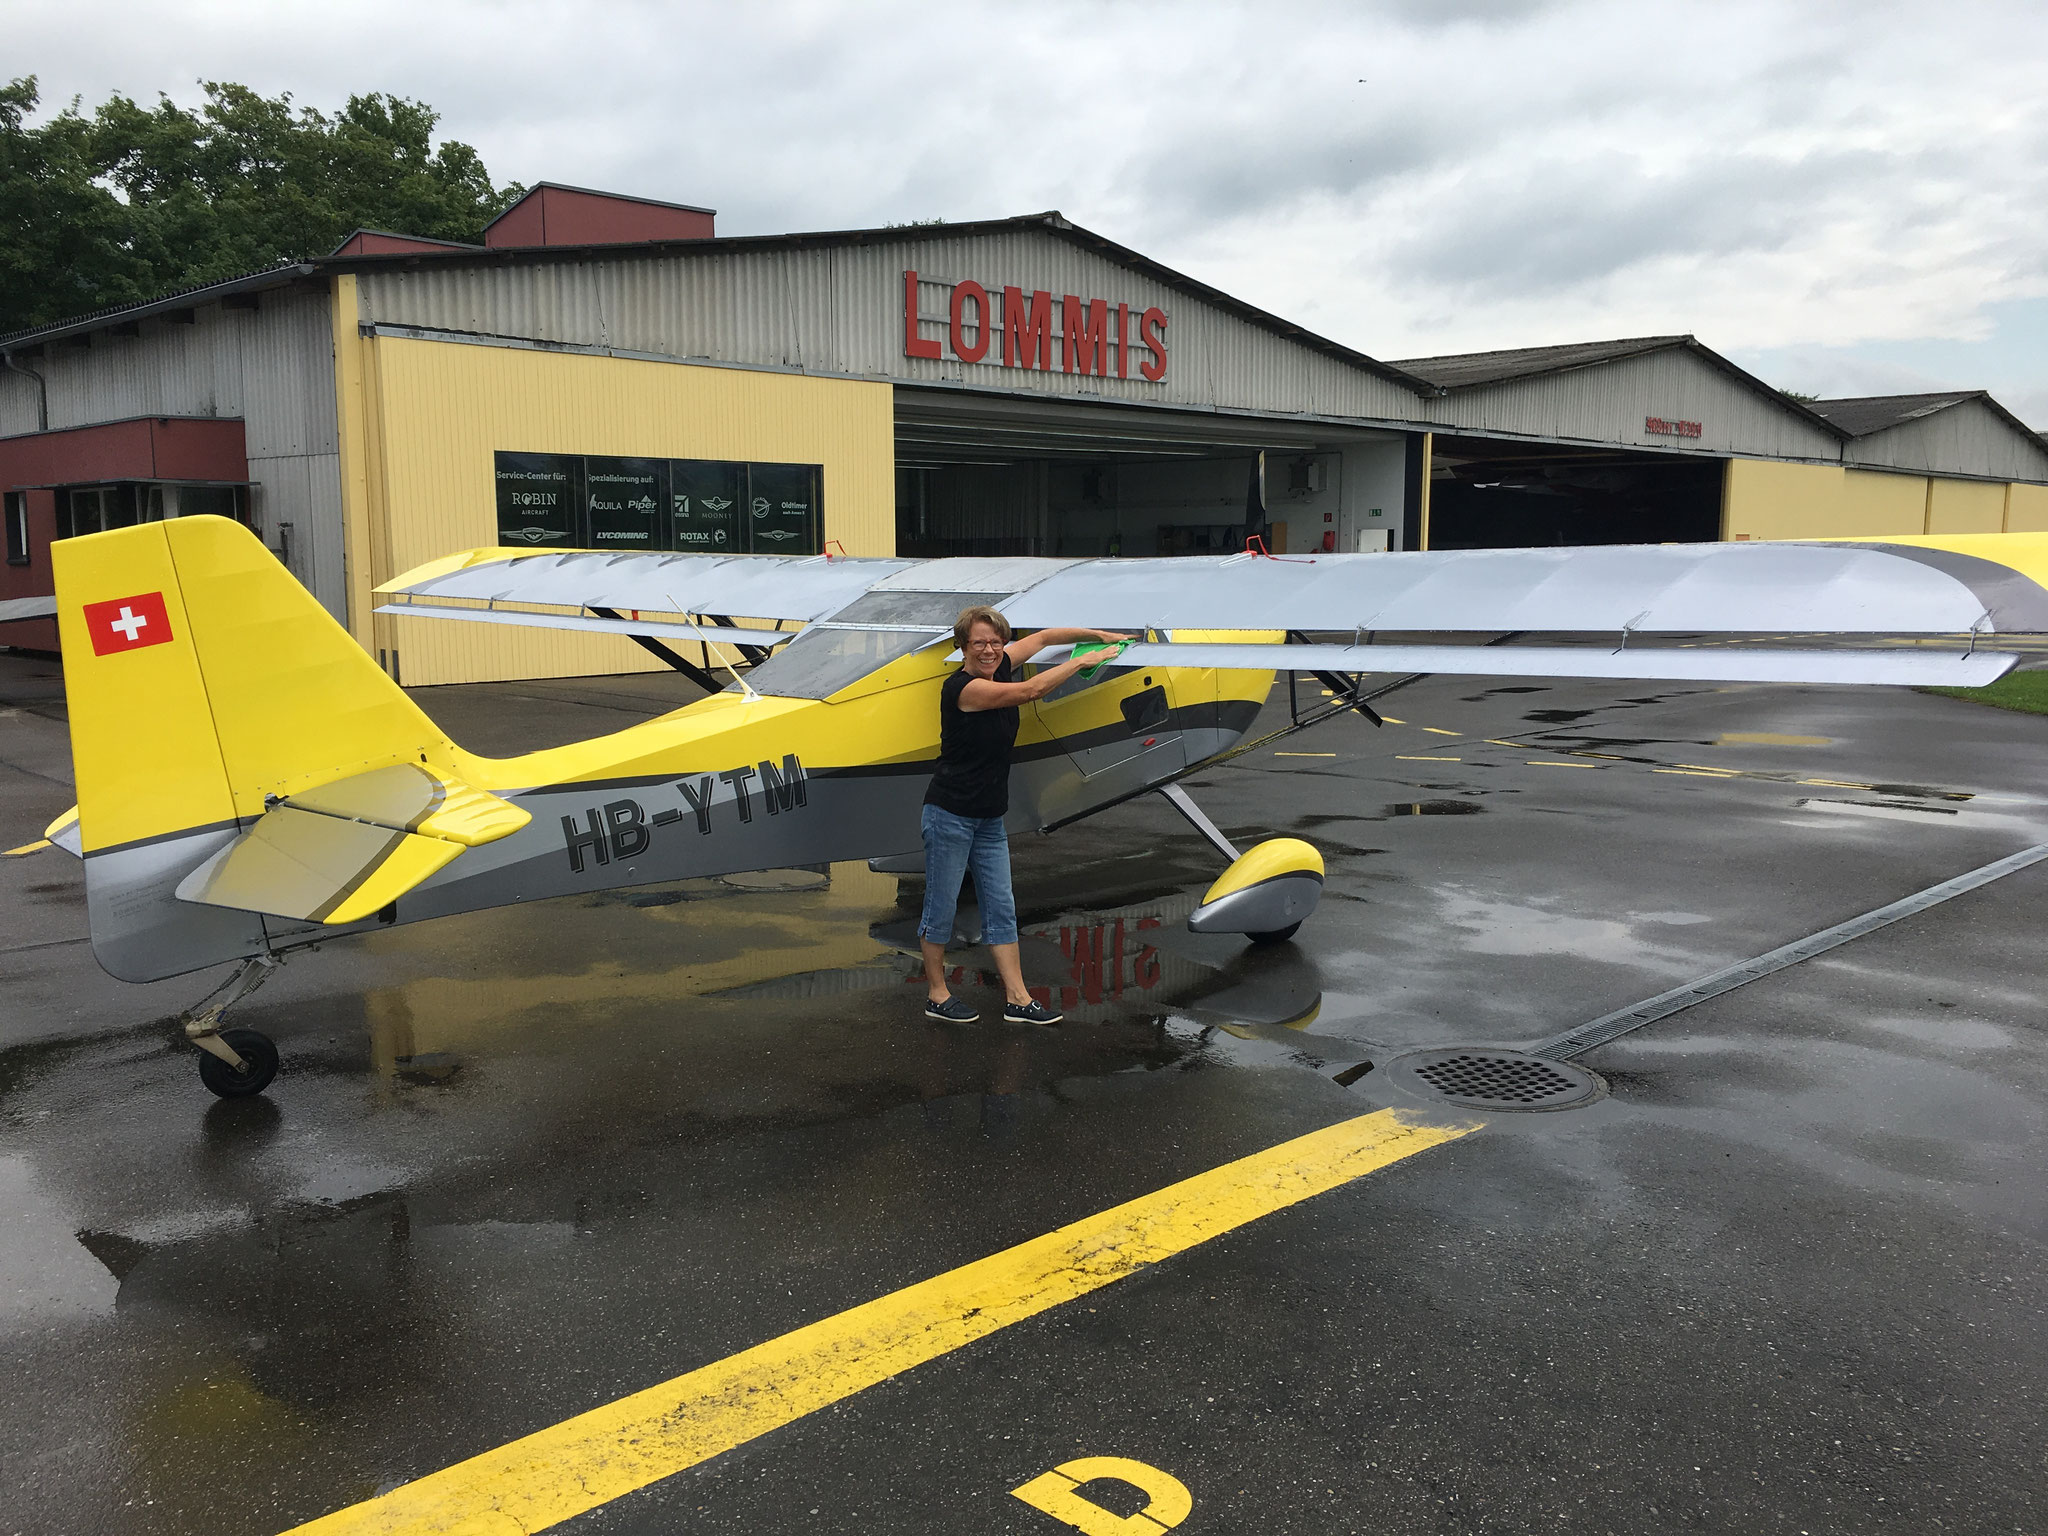 Clean up nach dem langen FlyAway